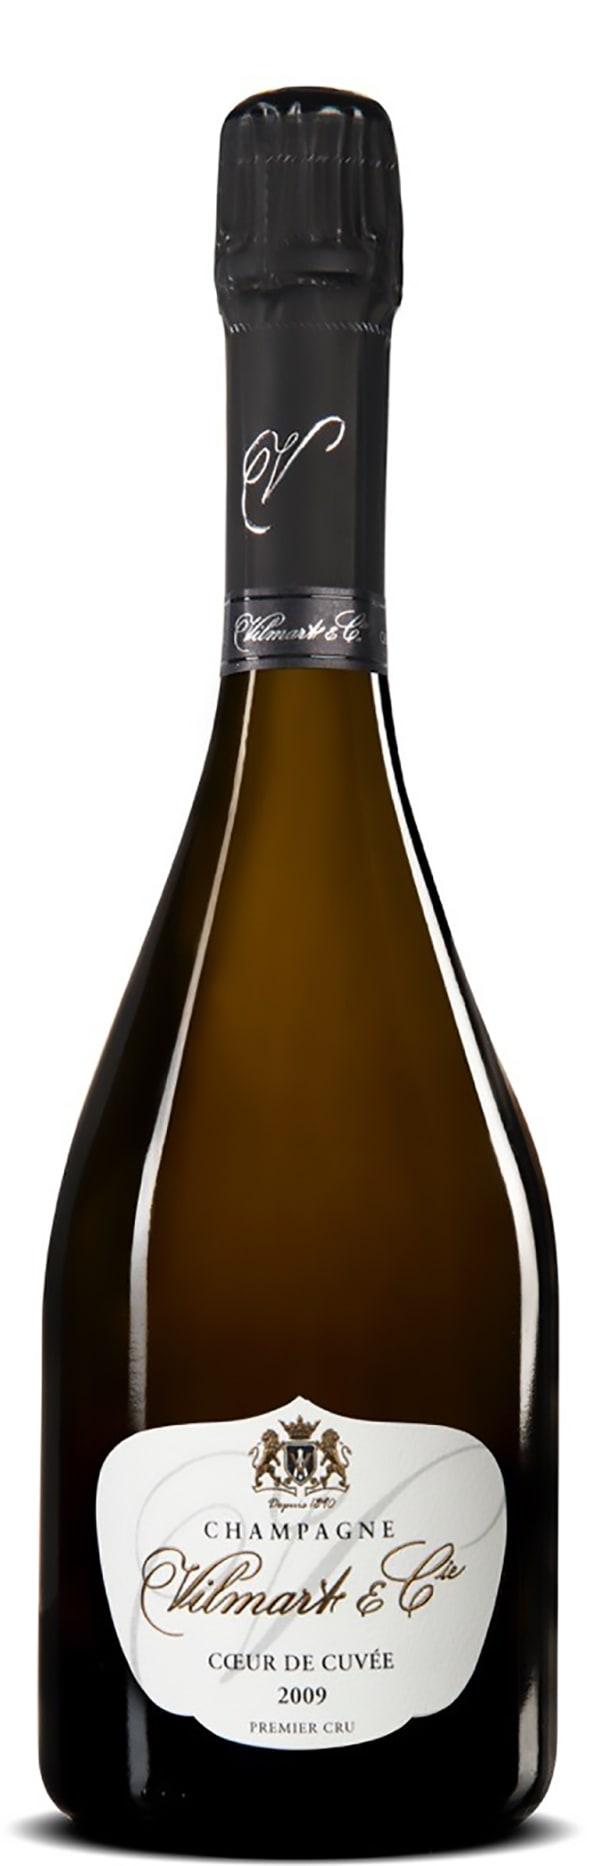 Vilmart & Cie Coeur de Cuvée Premier Cru Champagne Brut 2010